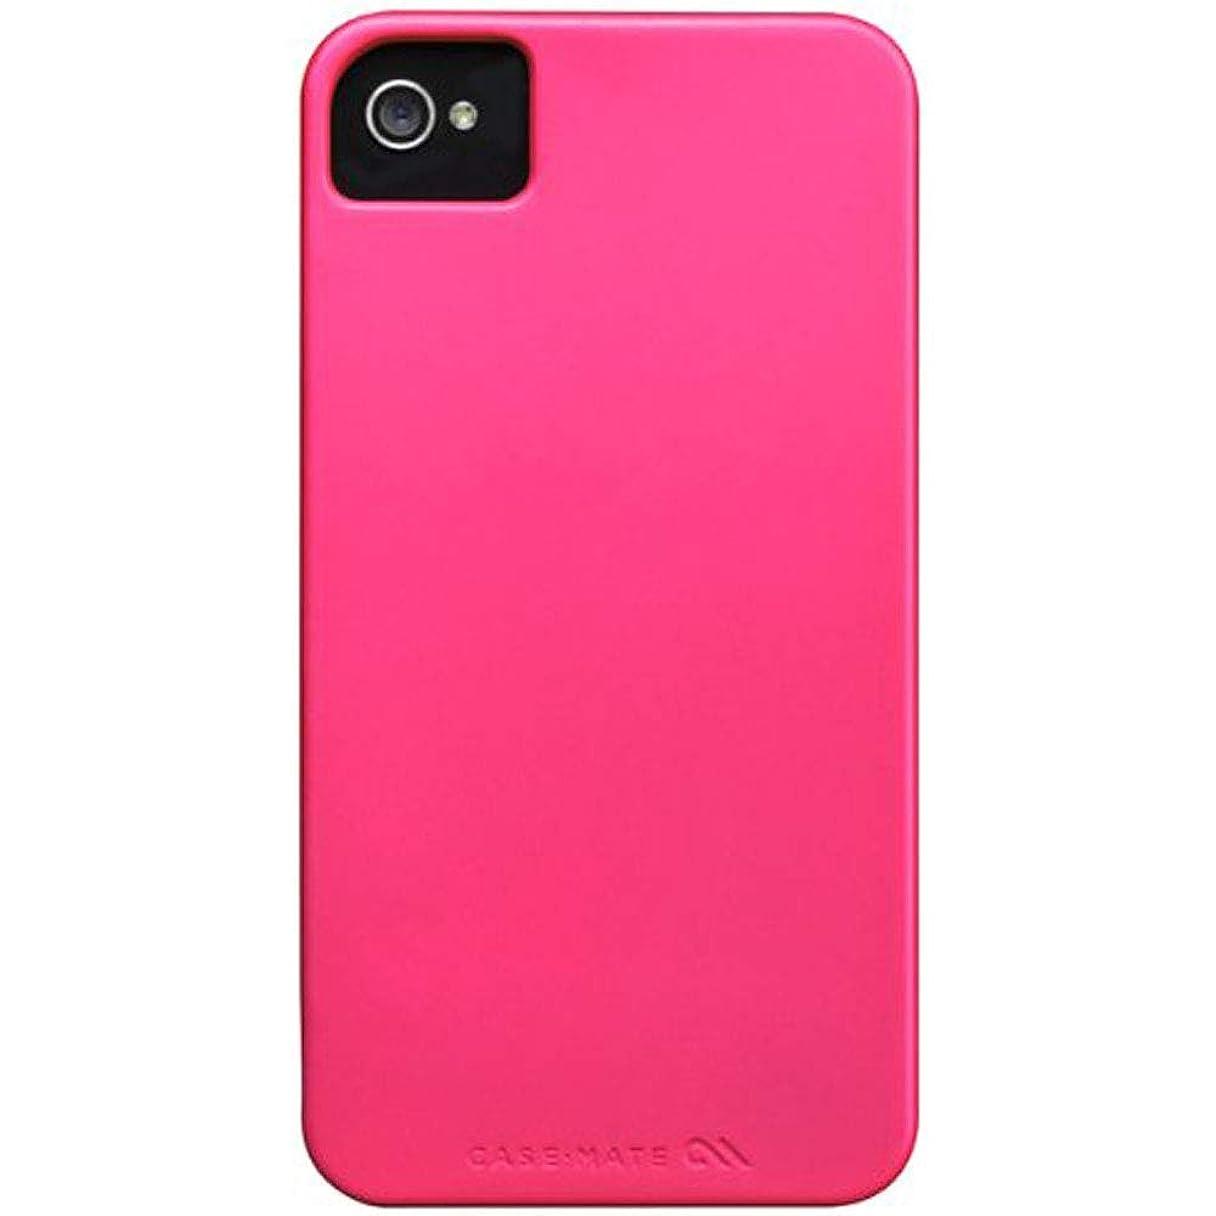 委託想起納得させるCase-Mate iPhone6s iPhone6 4.7 薄型 シンプル ベアリーゼア スリム ハードケース リップスティック ピンク CM031512